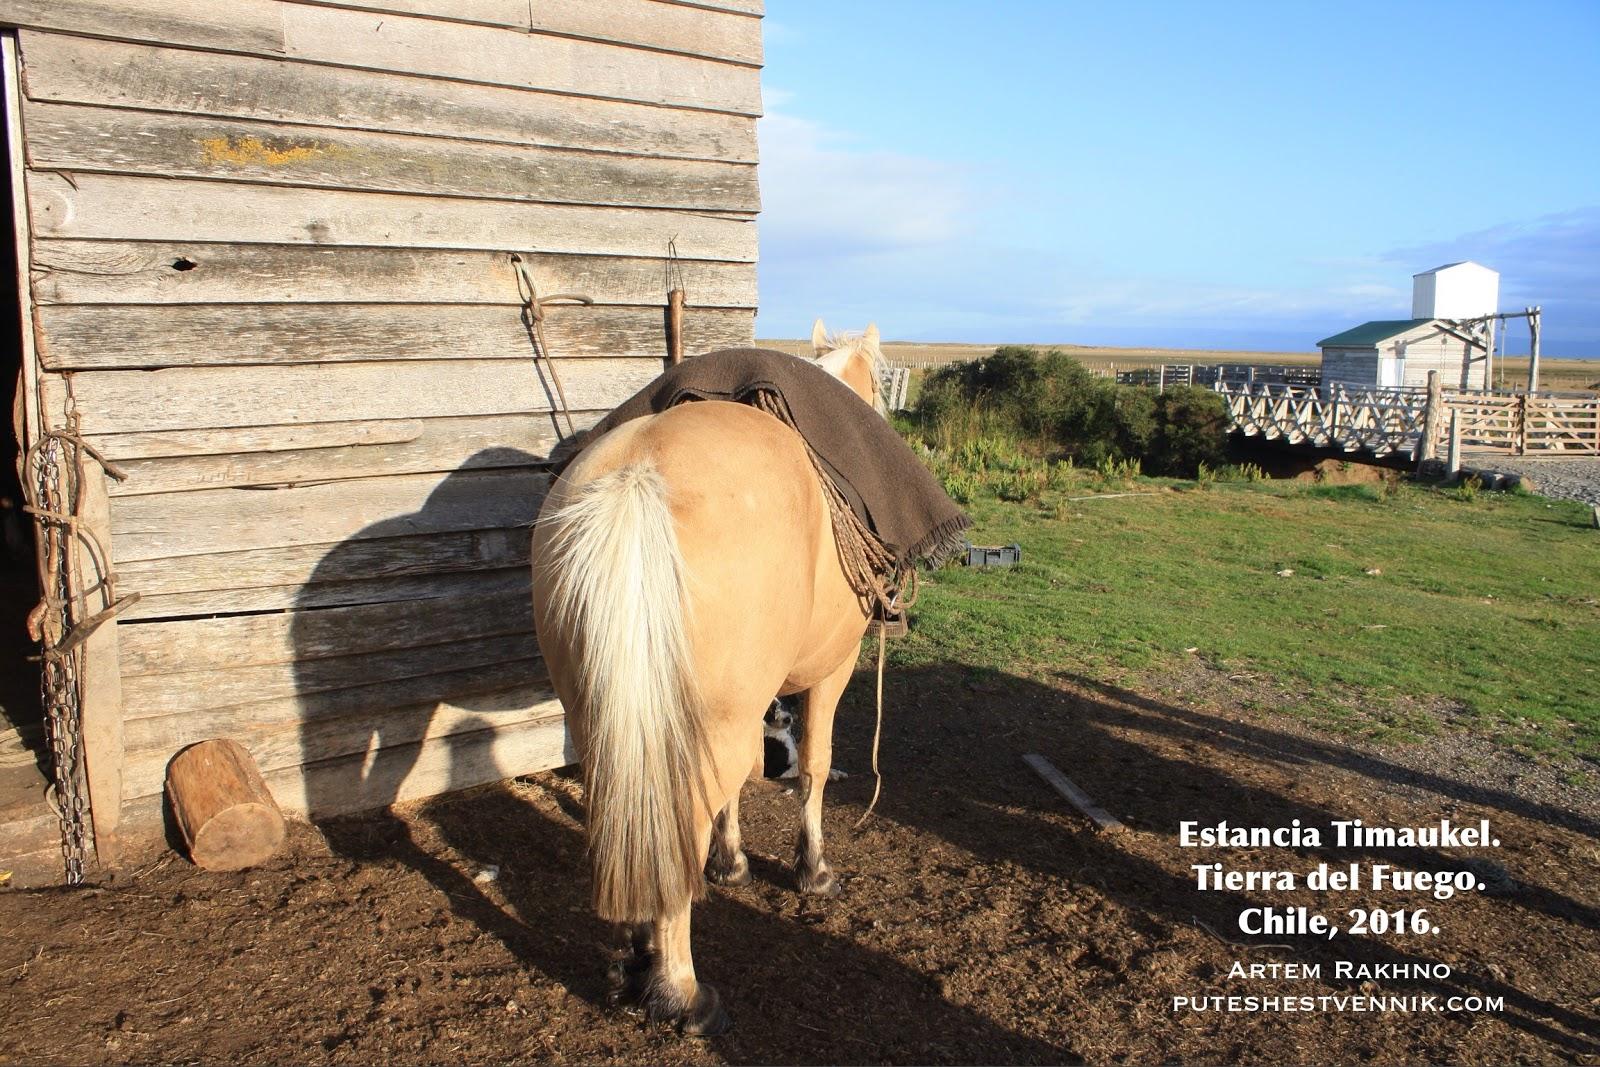 Лошадь у сарая на эстанции Тимаукель